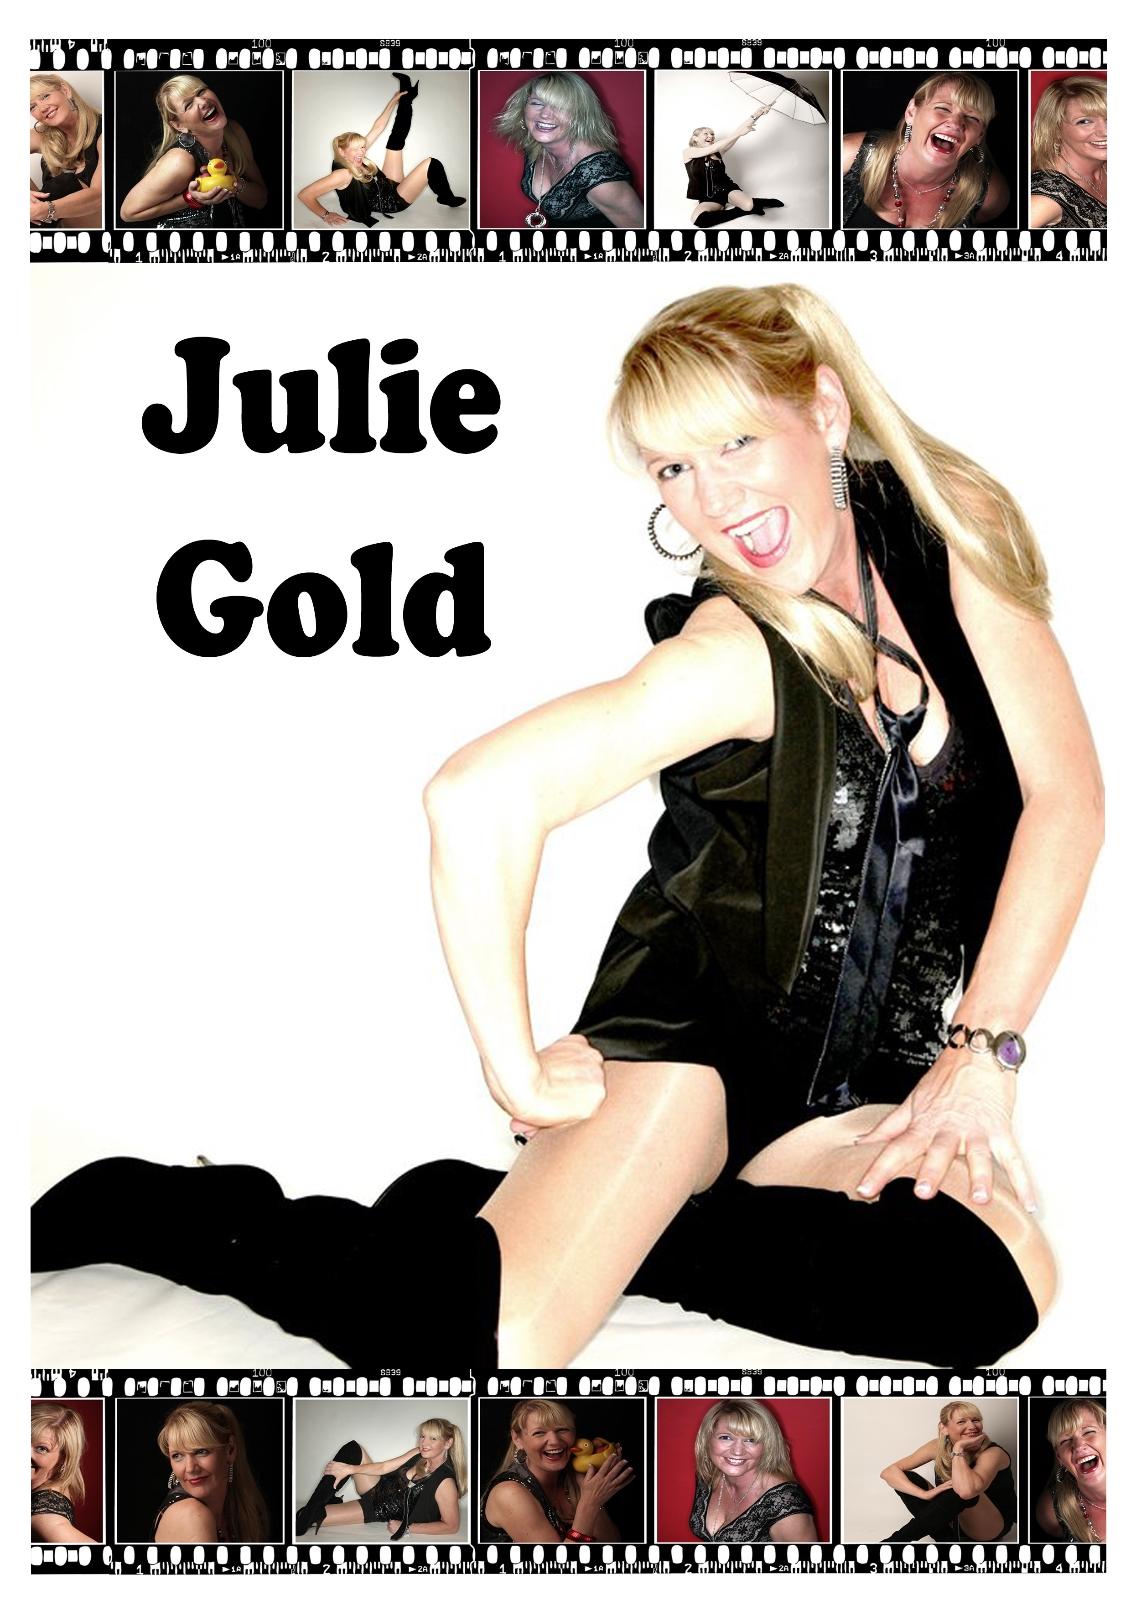 julie-gold